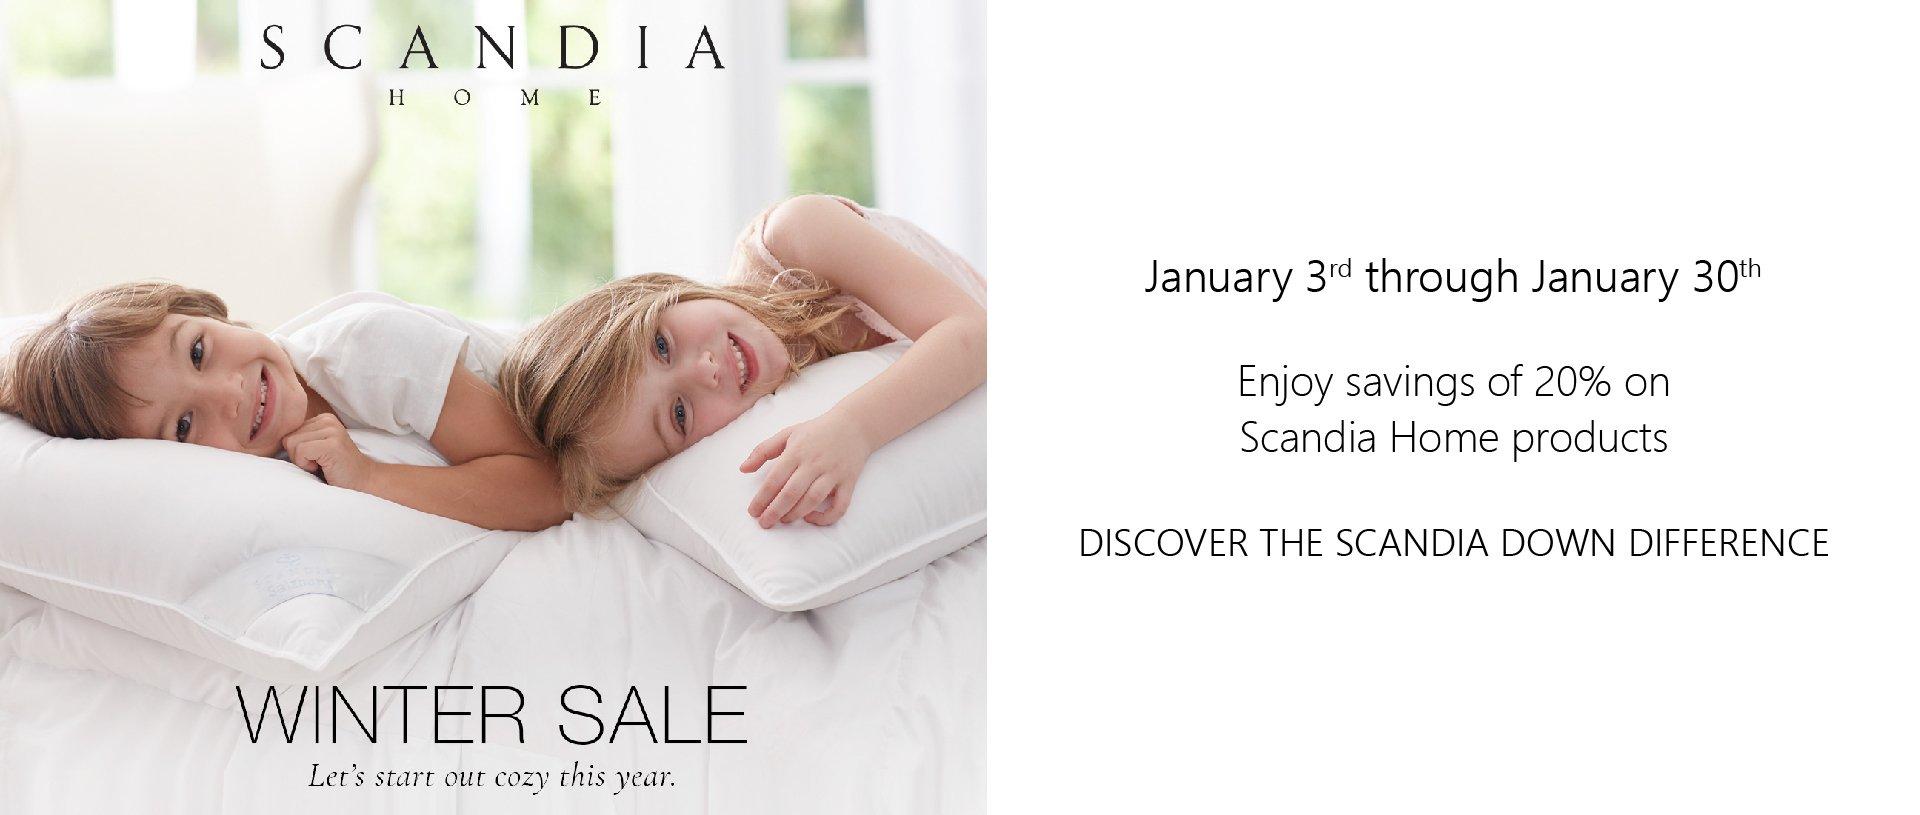 Scandia Winter Sale